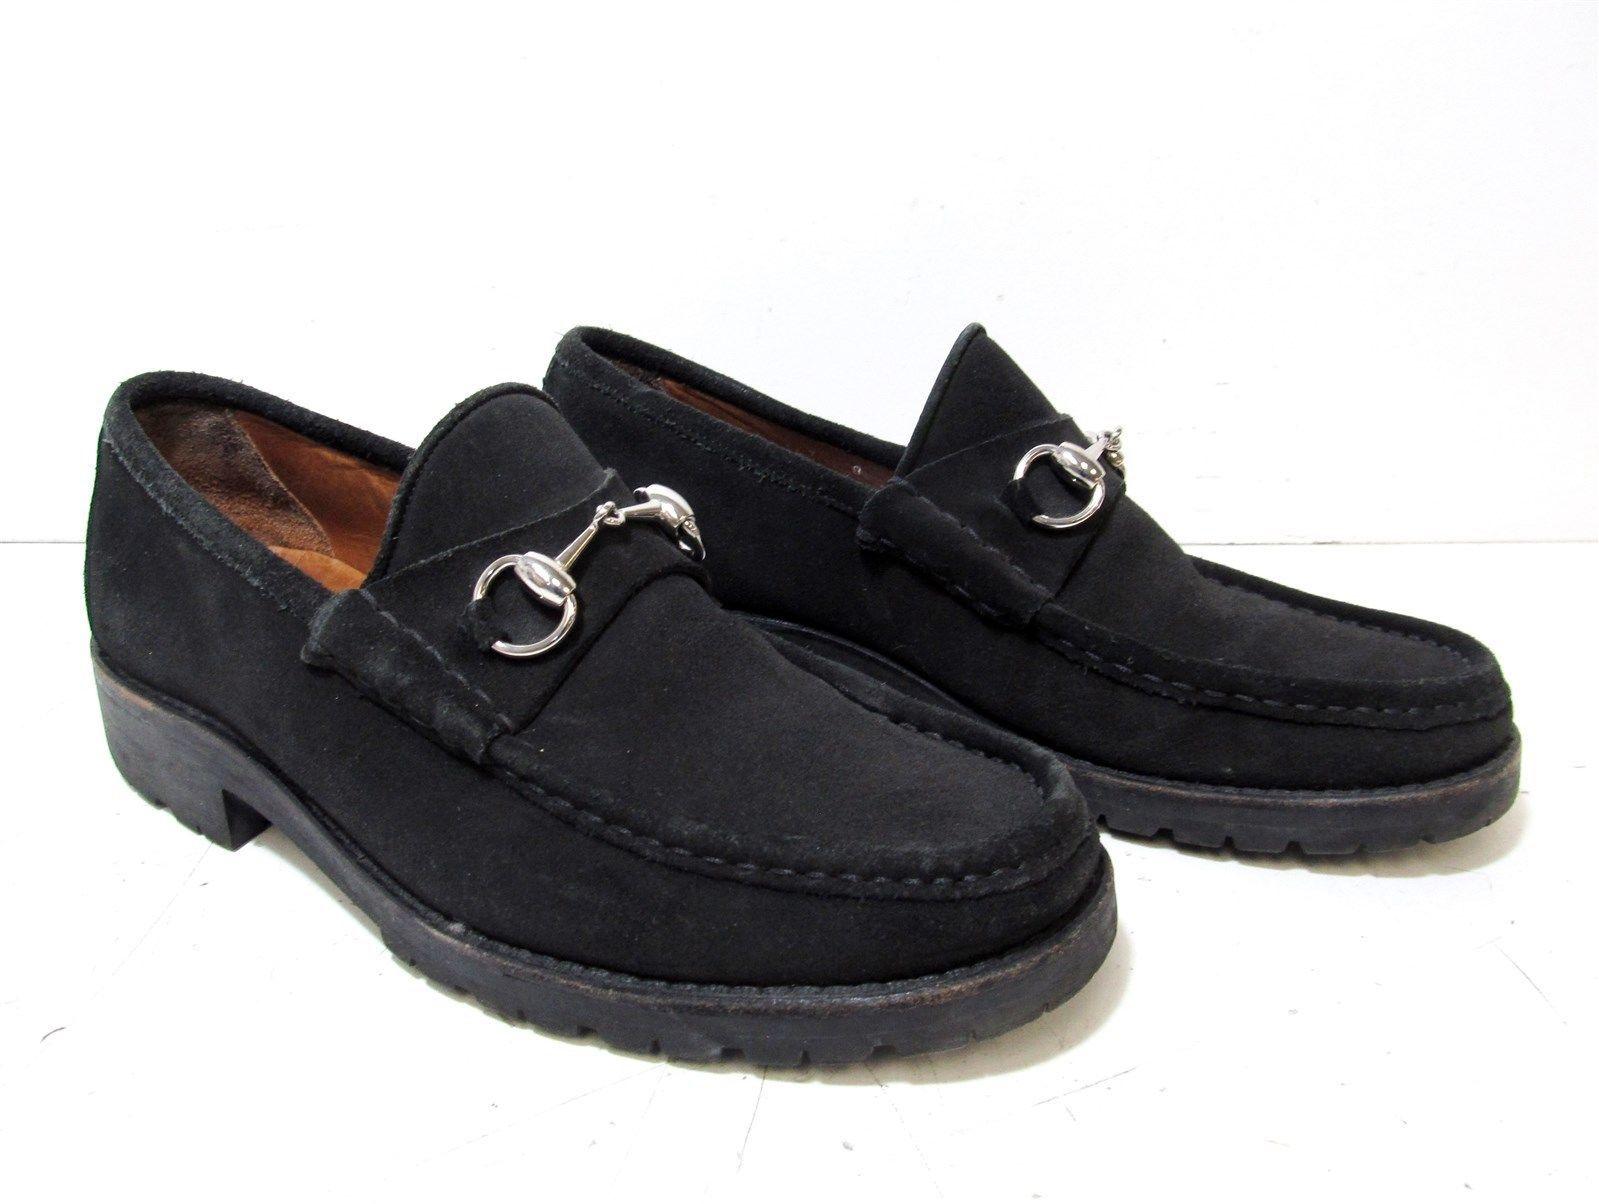 ece526f21d8 Gucci Classic Black Suede Men s Lug Sole Horsebit Loafer Shoes Size 8D   horsebit  loafer  shoes  size  sole  mens  classic  black  suede  gucci